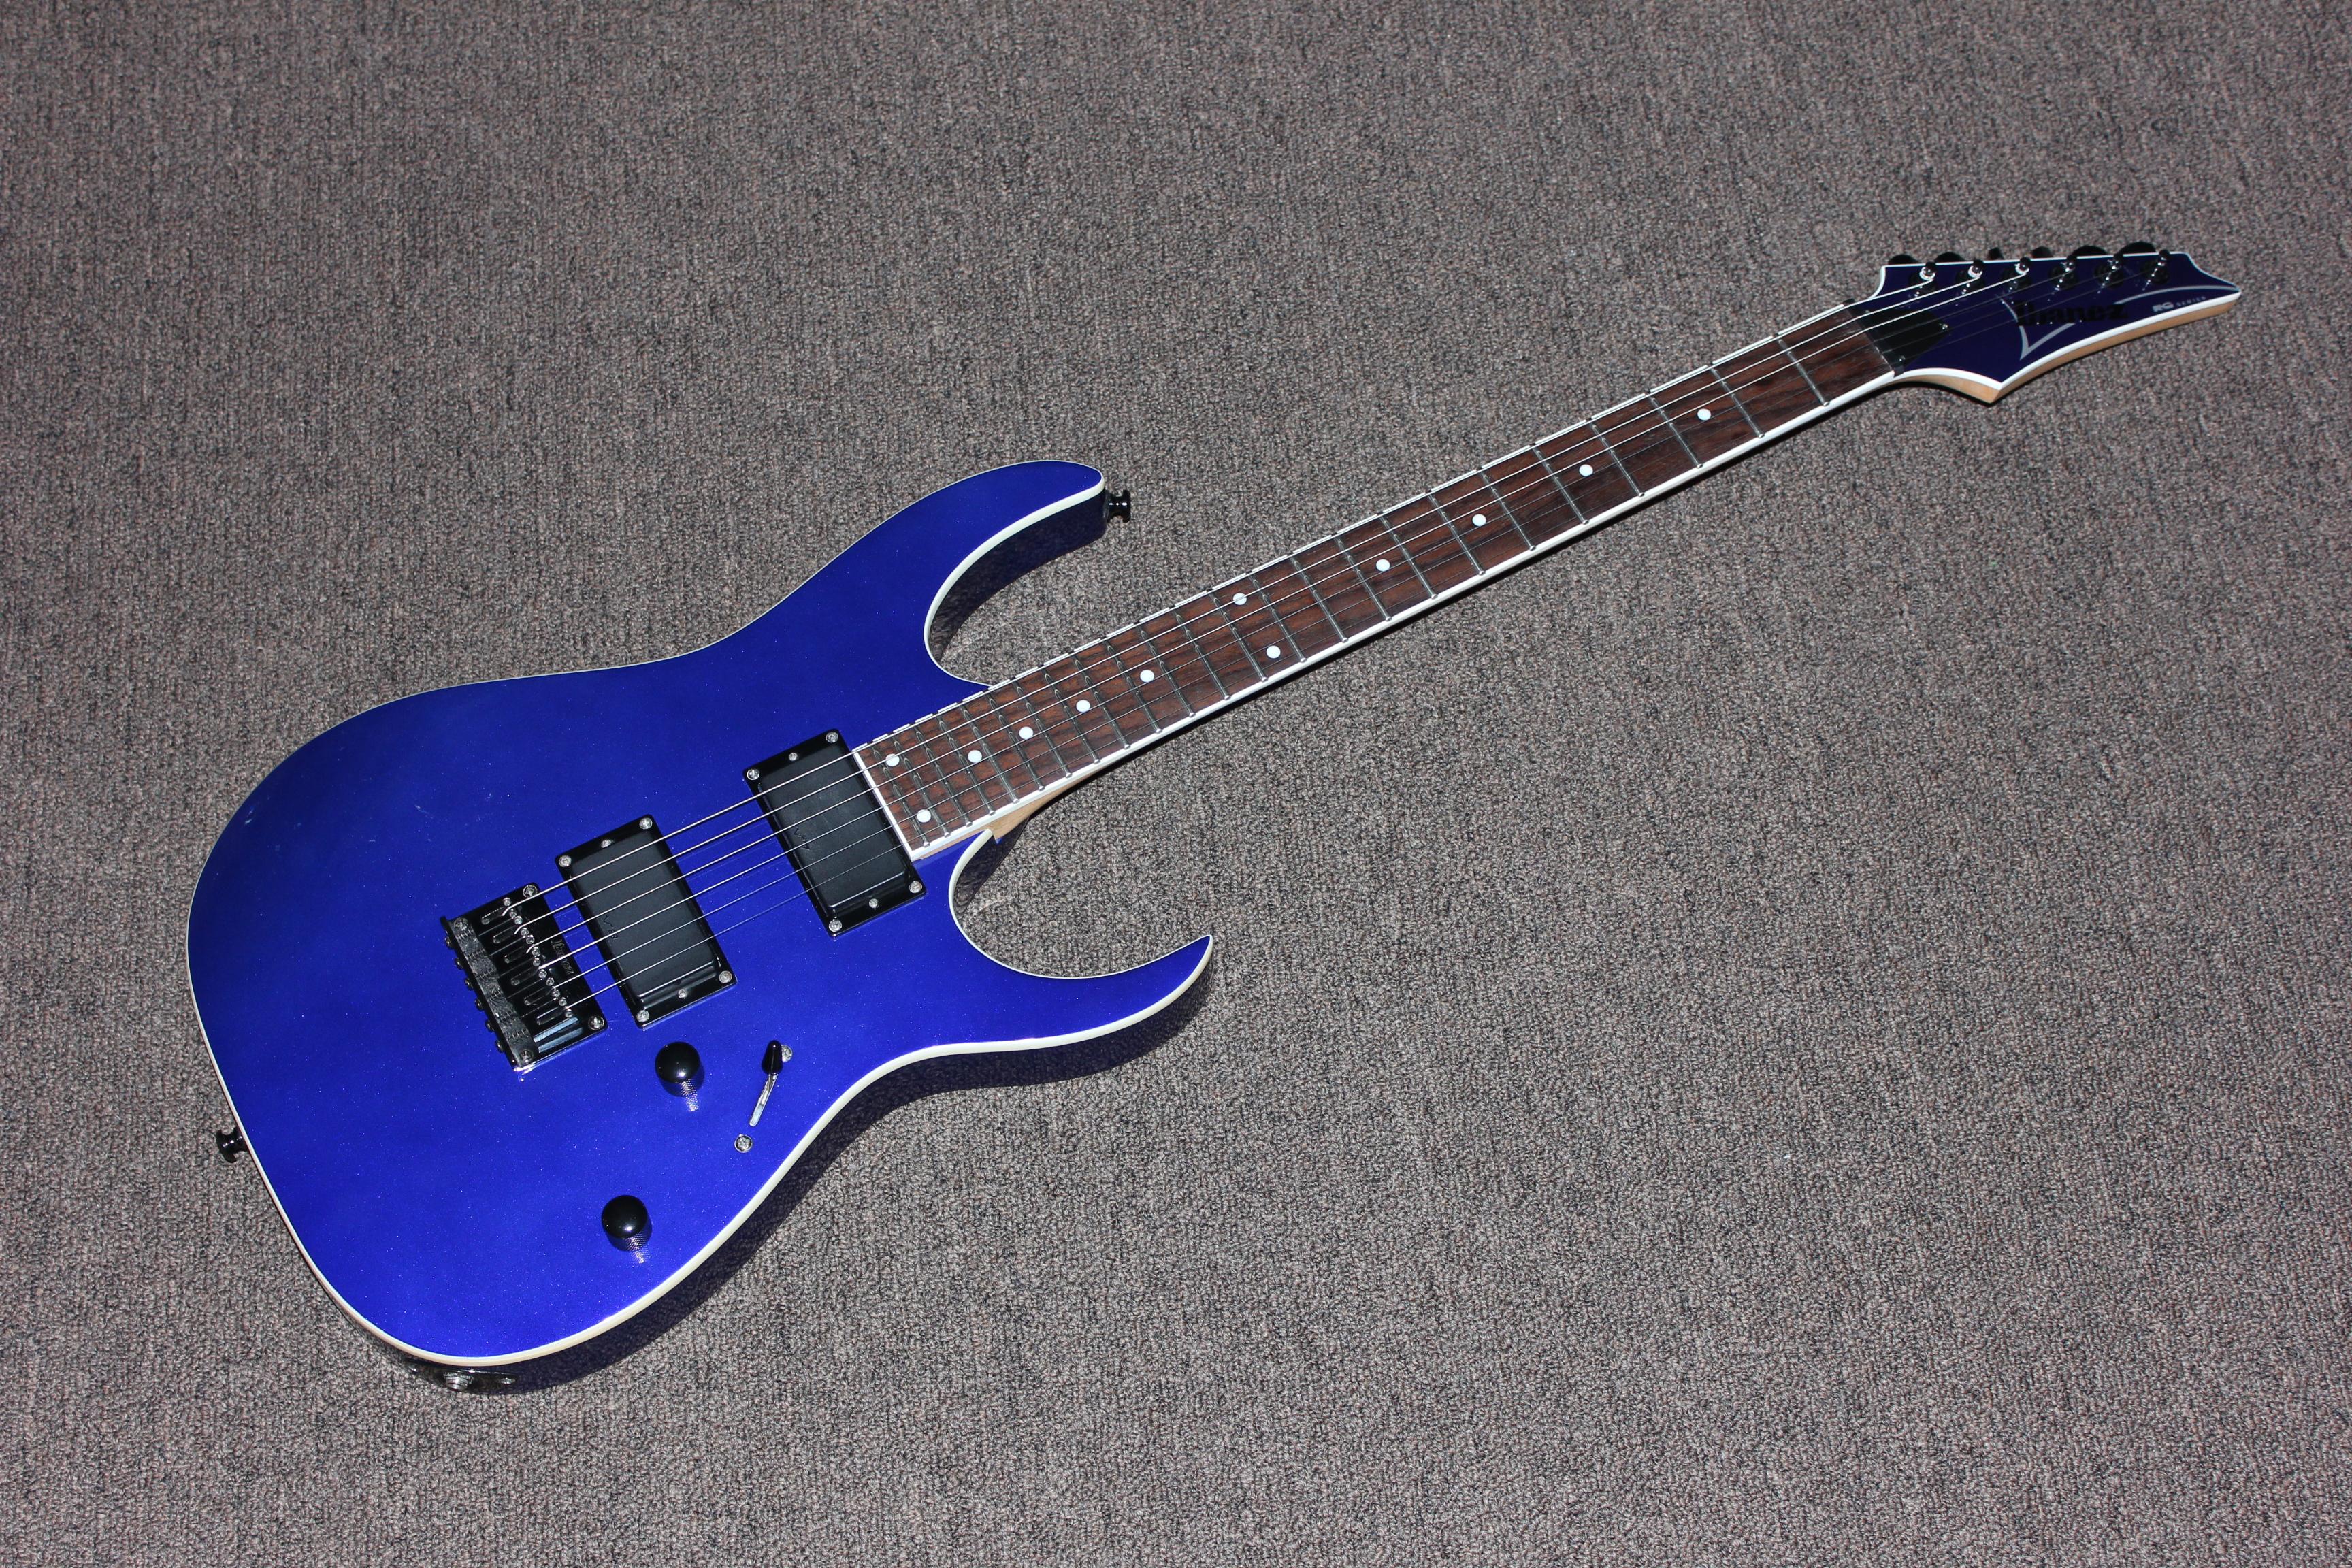 ibanez blue electric guitar guitars united. Black Bedroom Furniture Sets. Home Design Ideas